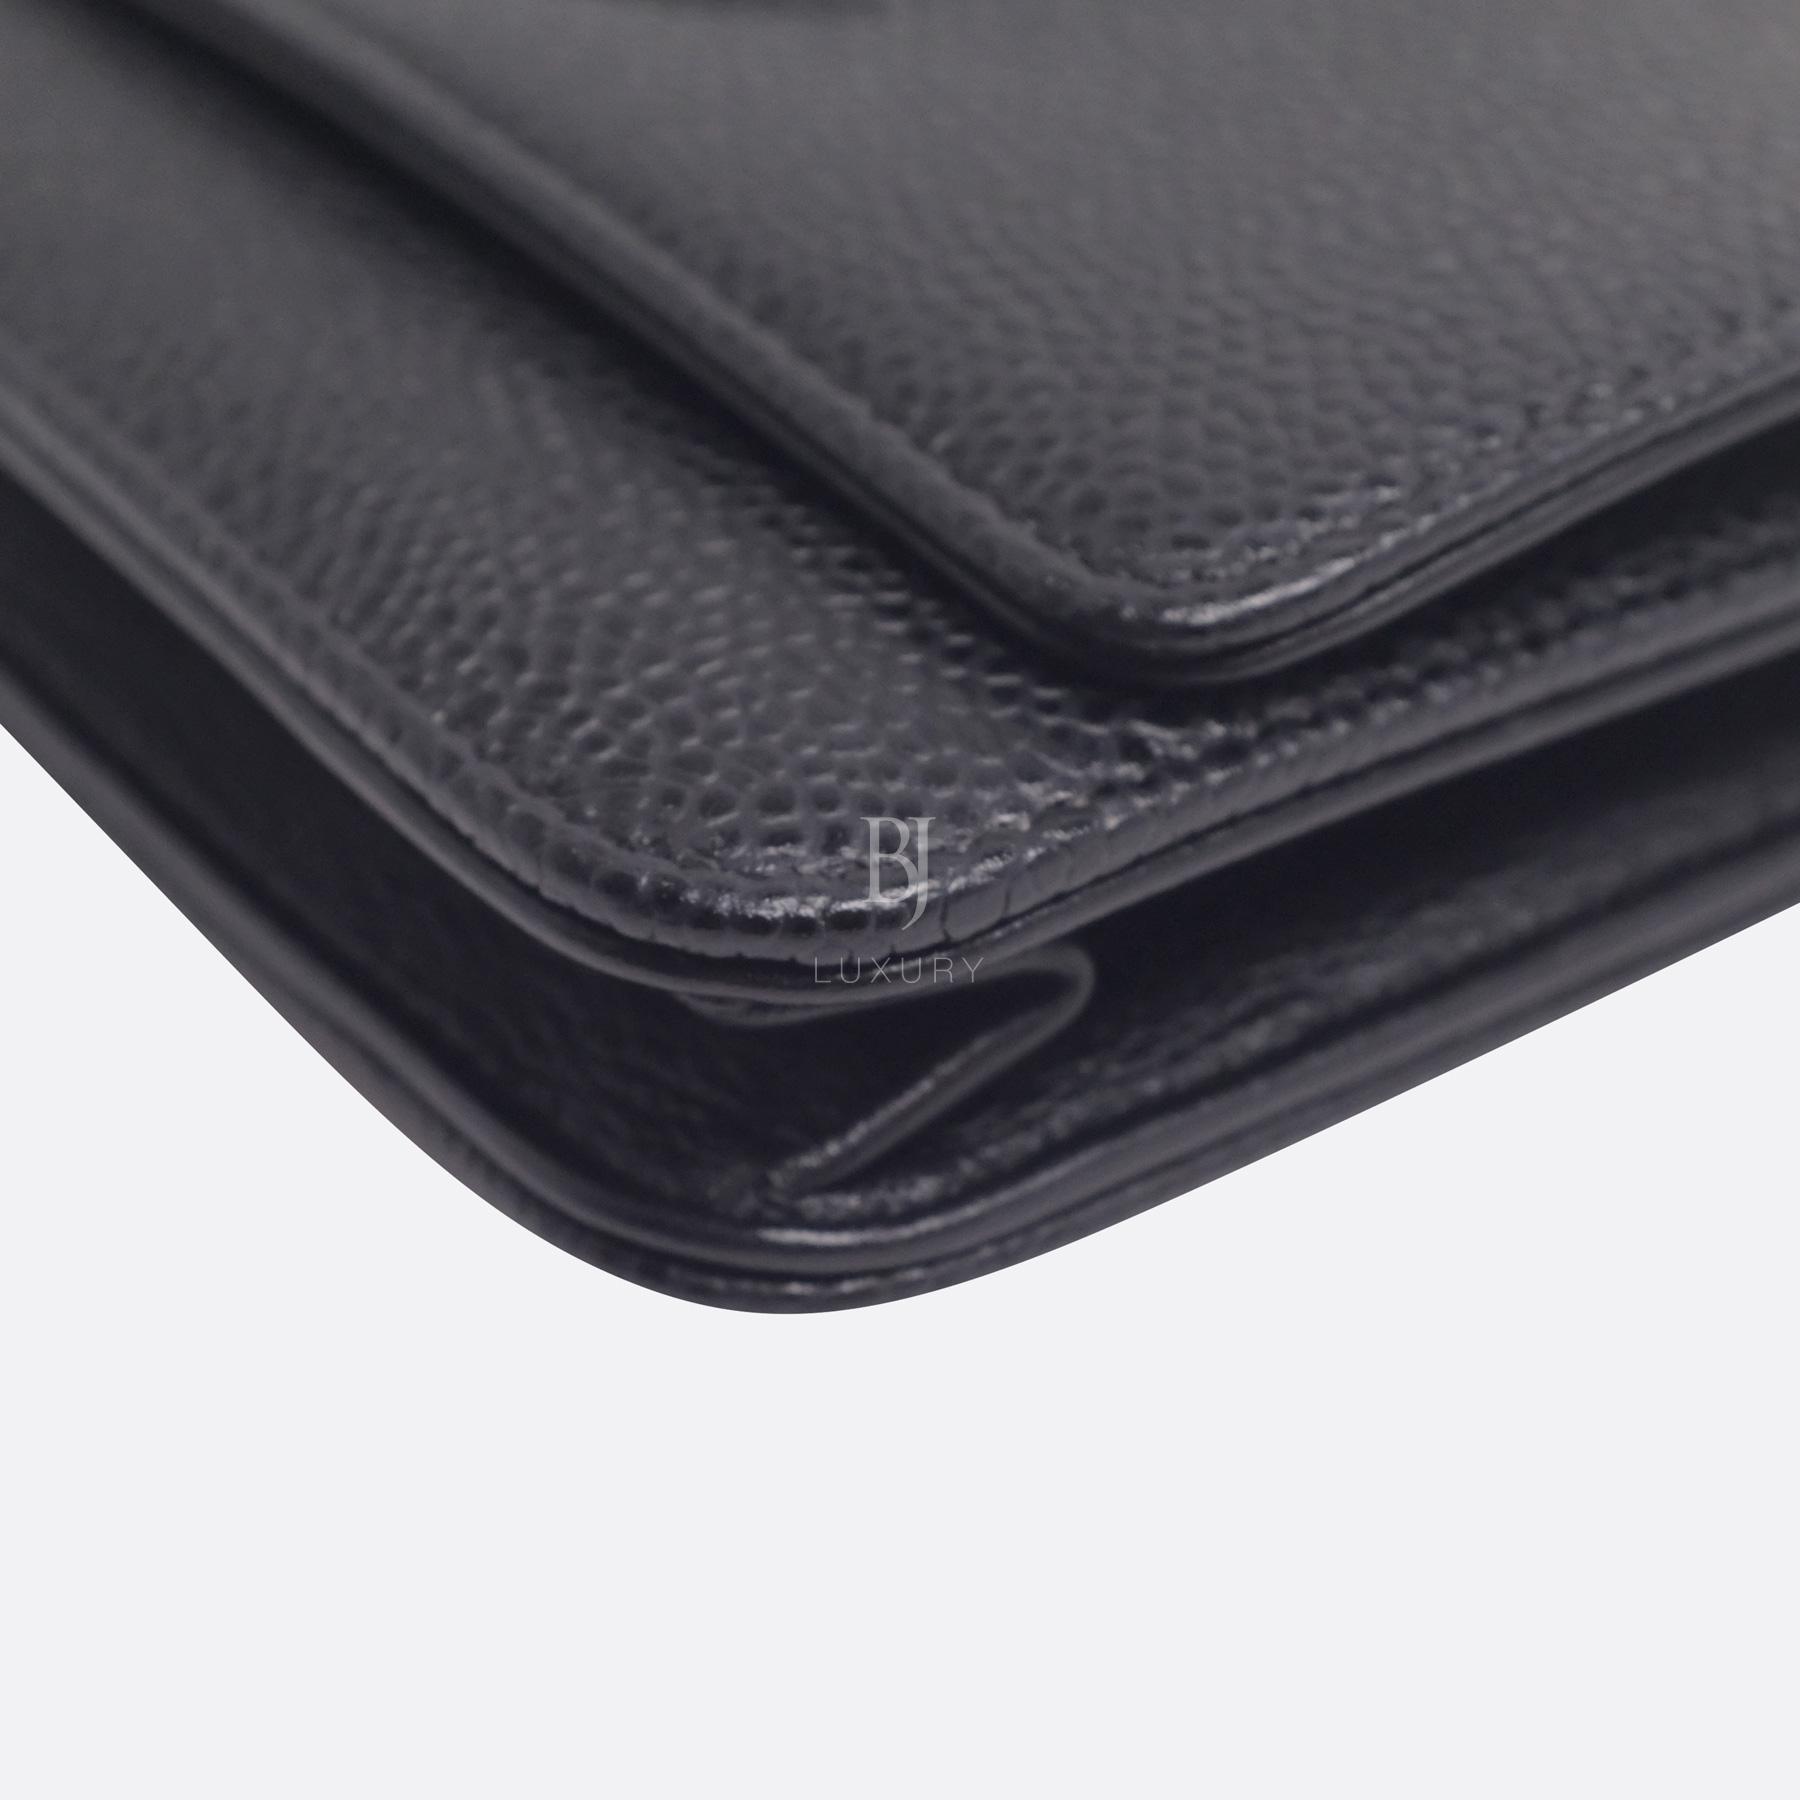 Chanel Wallet on Chain Caviar Silver Black BJ Luxury 8.jpg